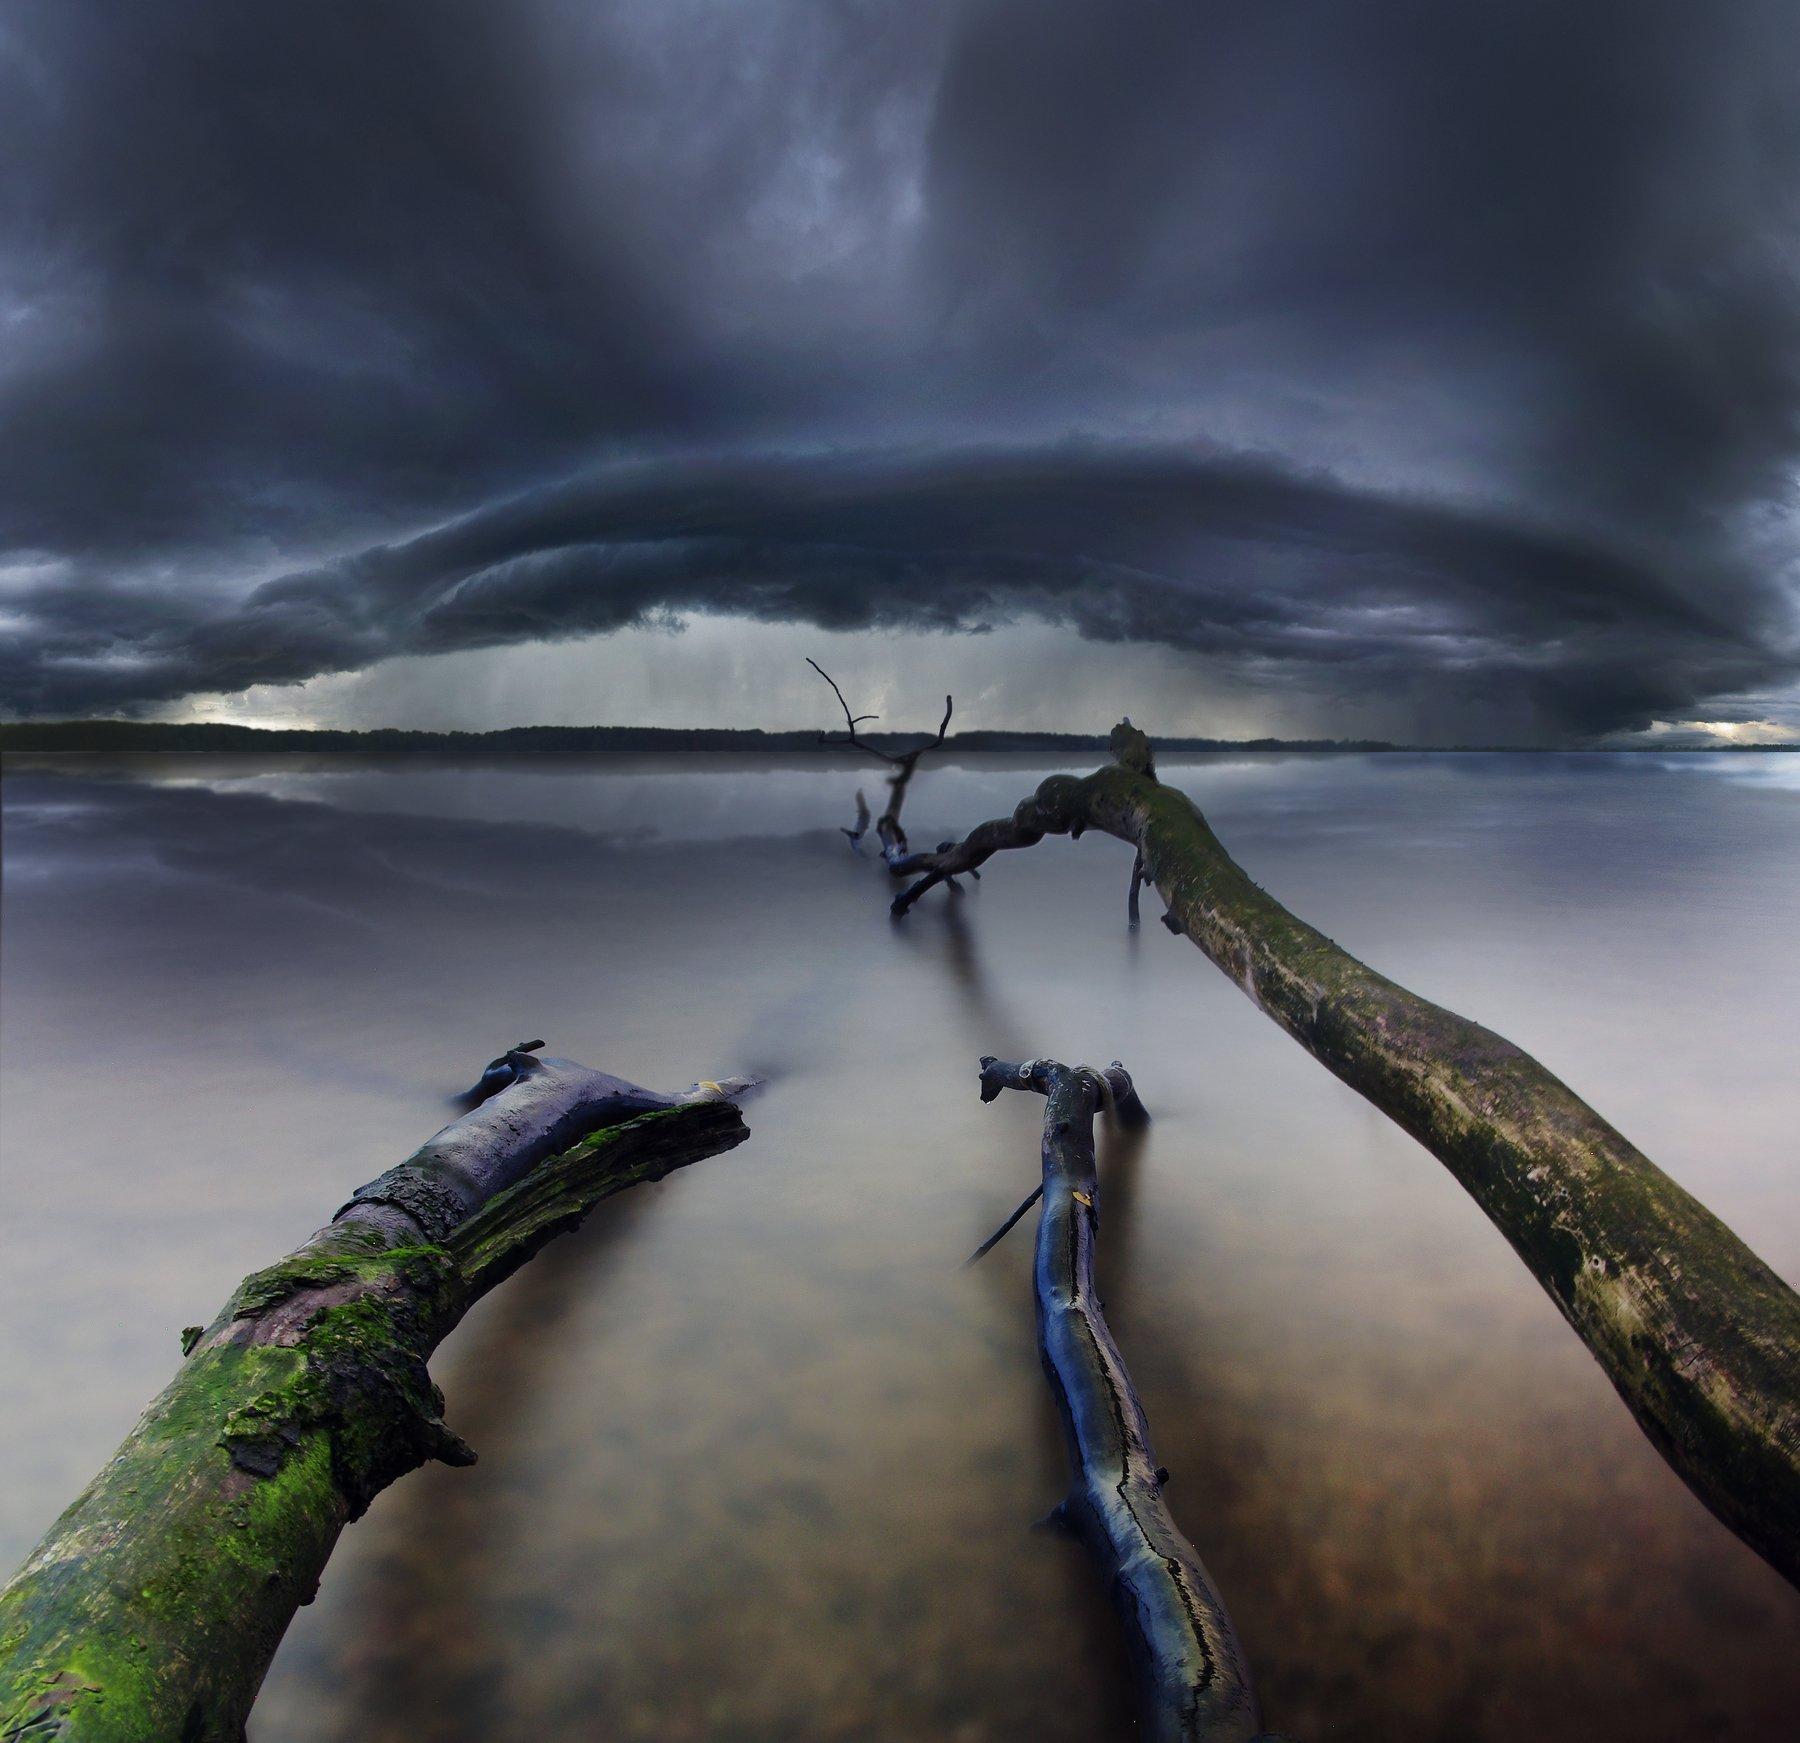 clouds, storm, tree, long exposure, Lithuania, Mindaugas Žarys